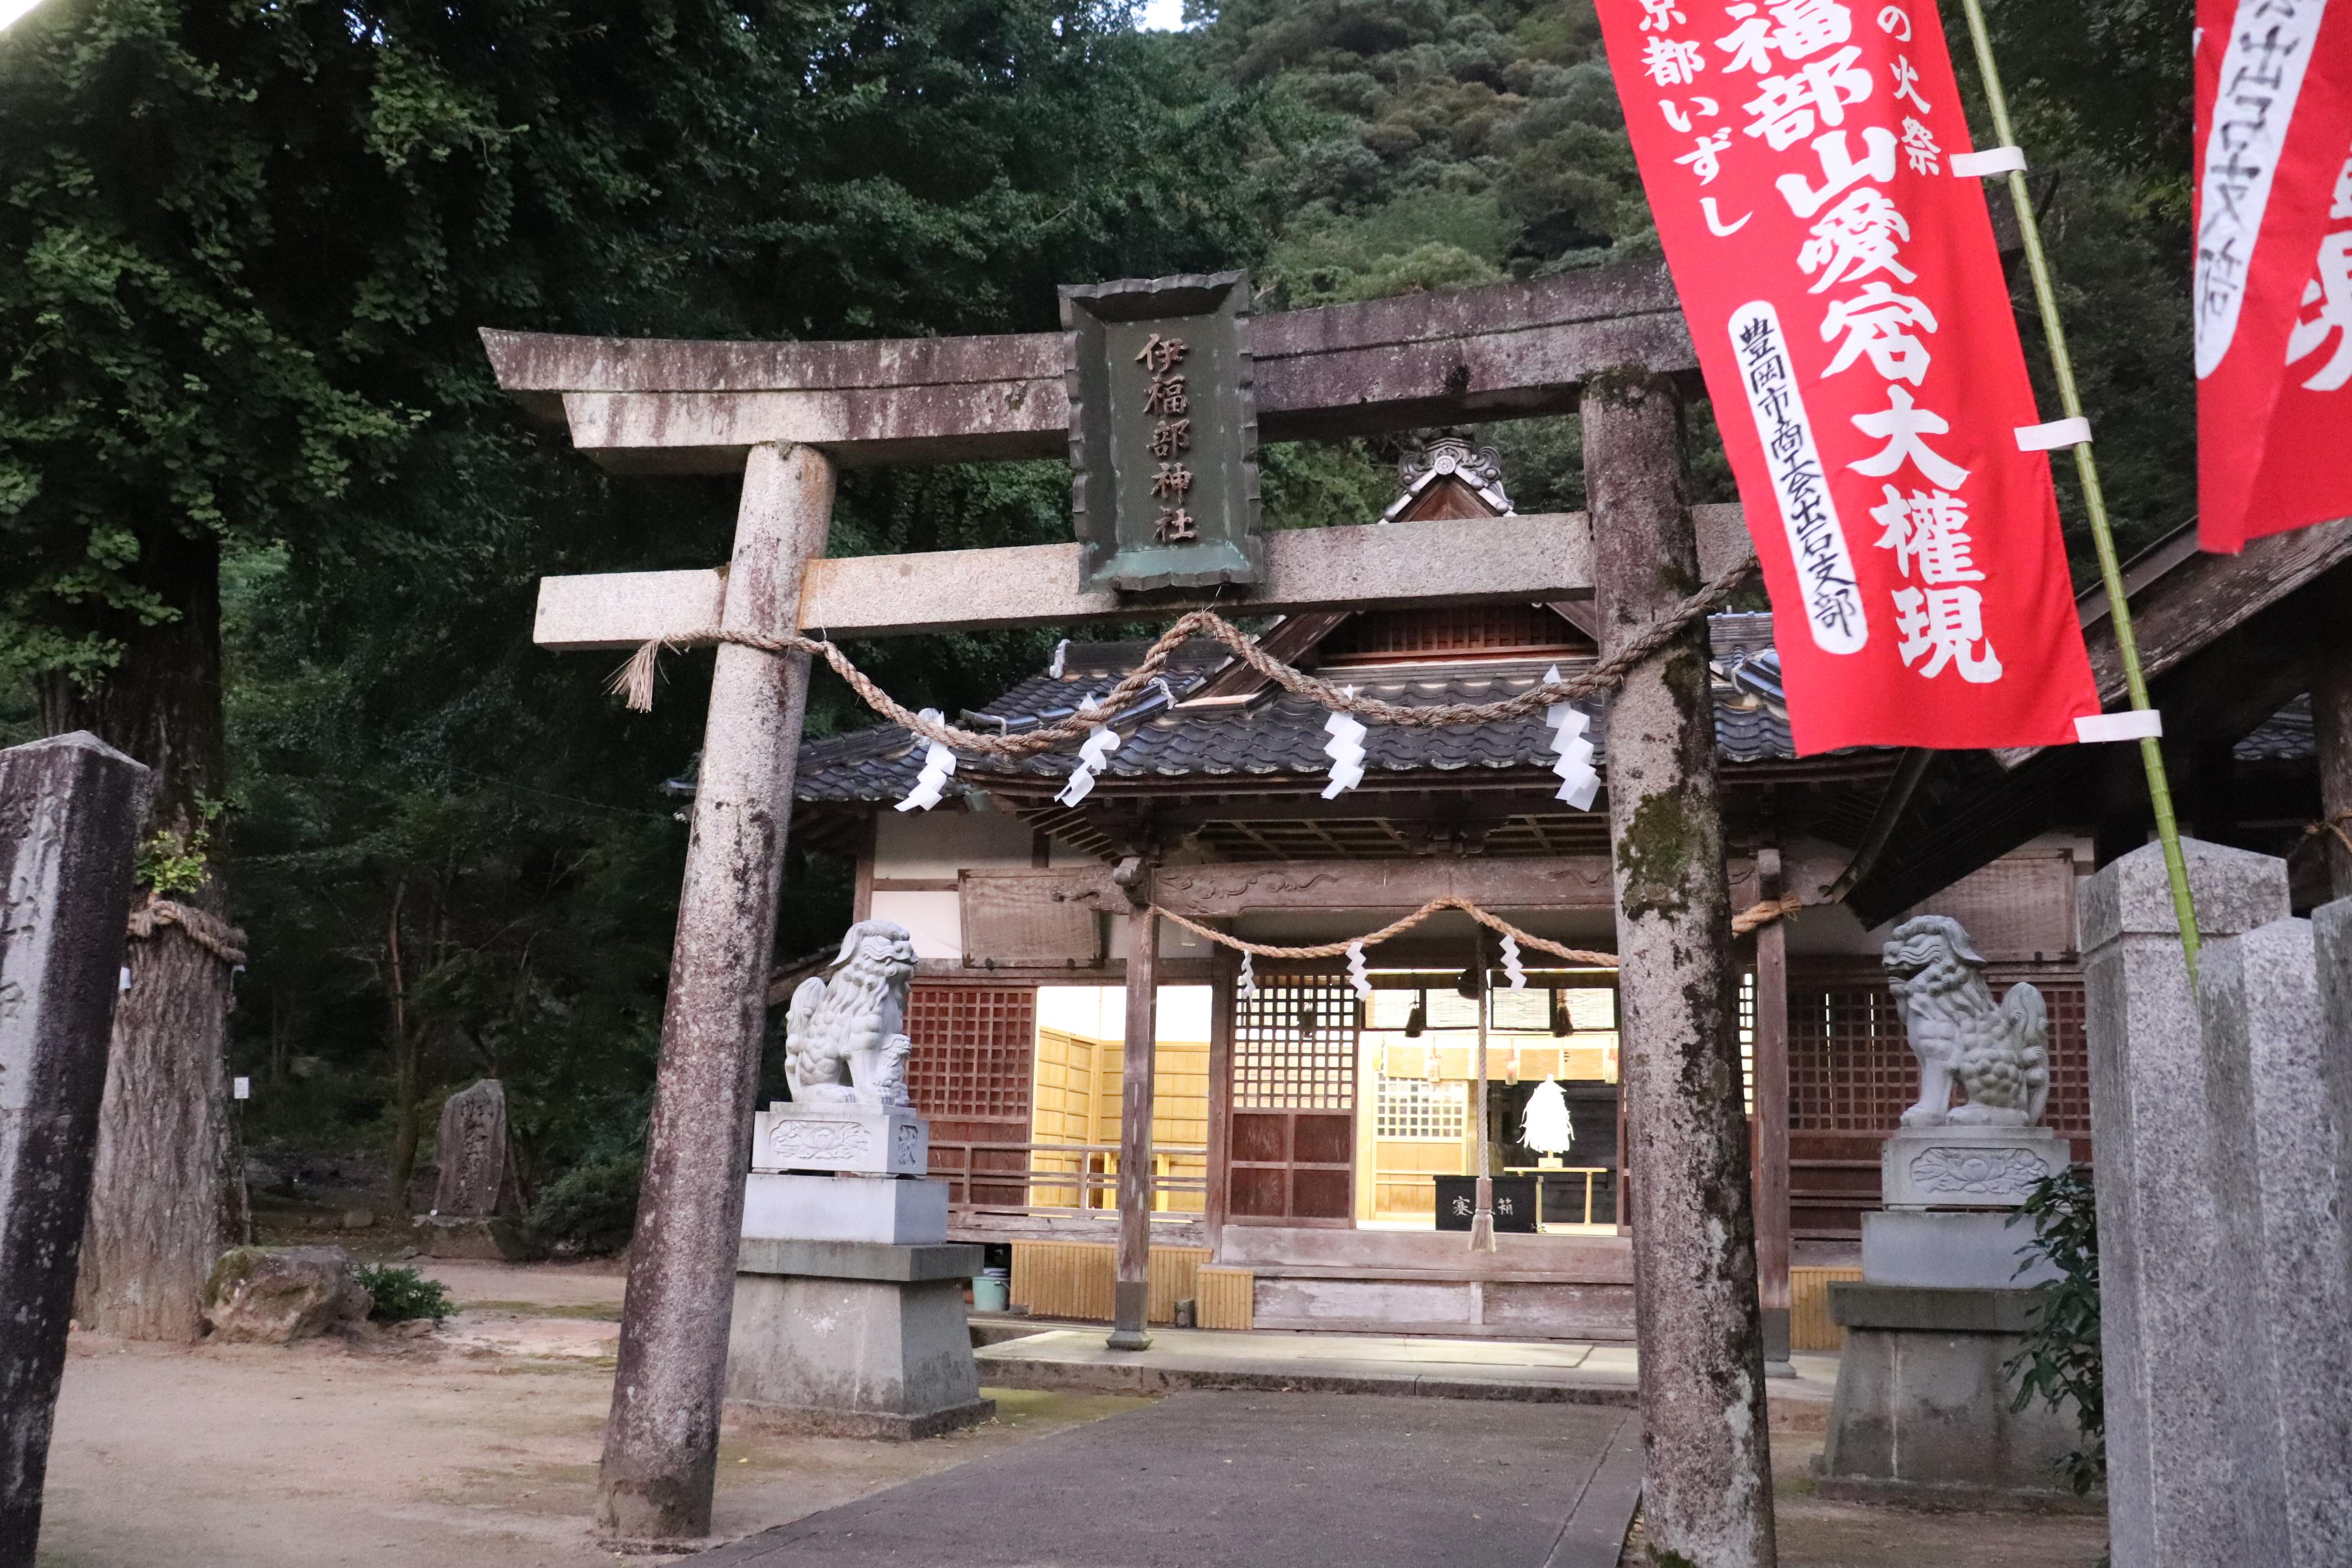 伊福部神社